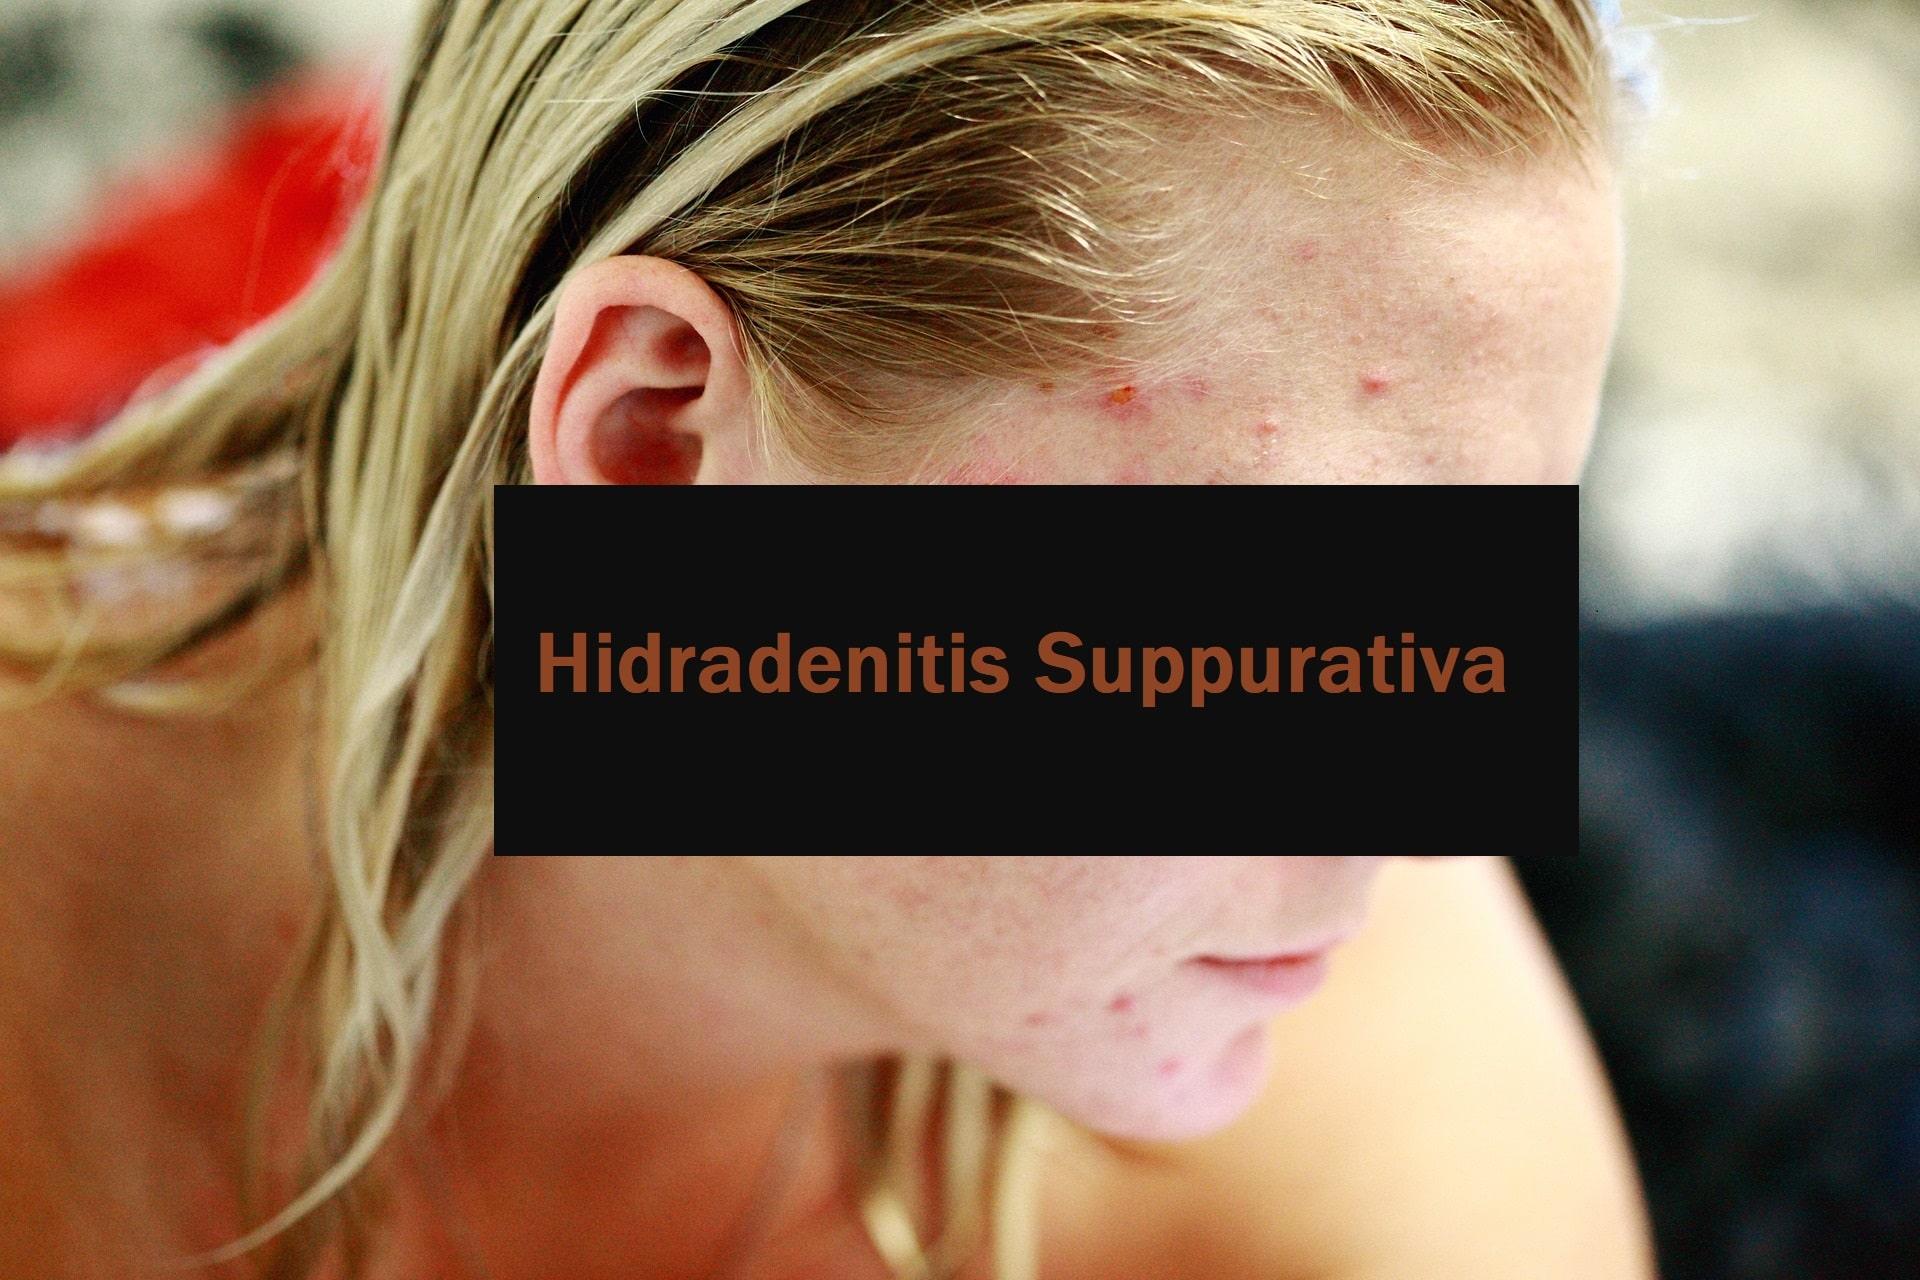 Ein Überblick über Hidradenitis Suppurativa